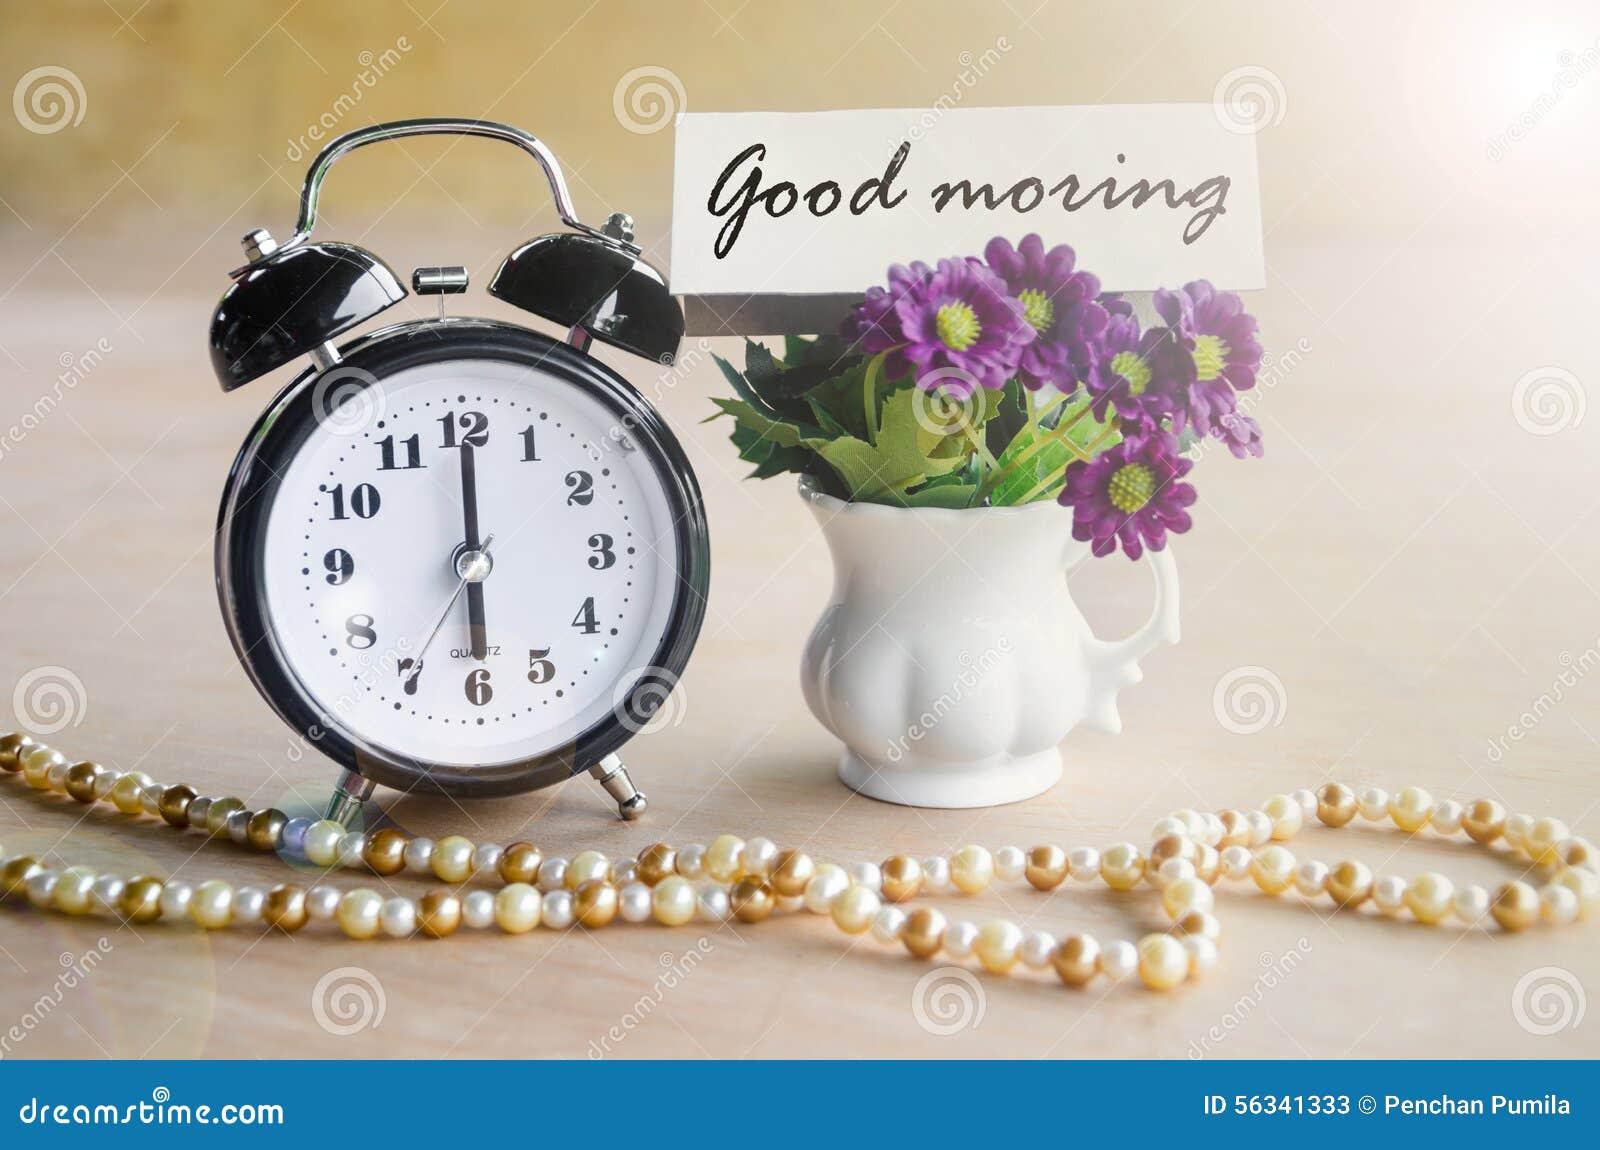 Uma Flor De Bom Dia: Etiqueta Do Despertador E Do Bom Dia Com Flor Violeta Foto